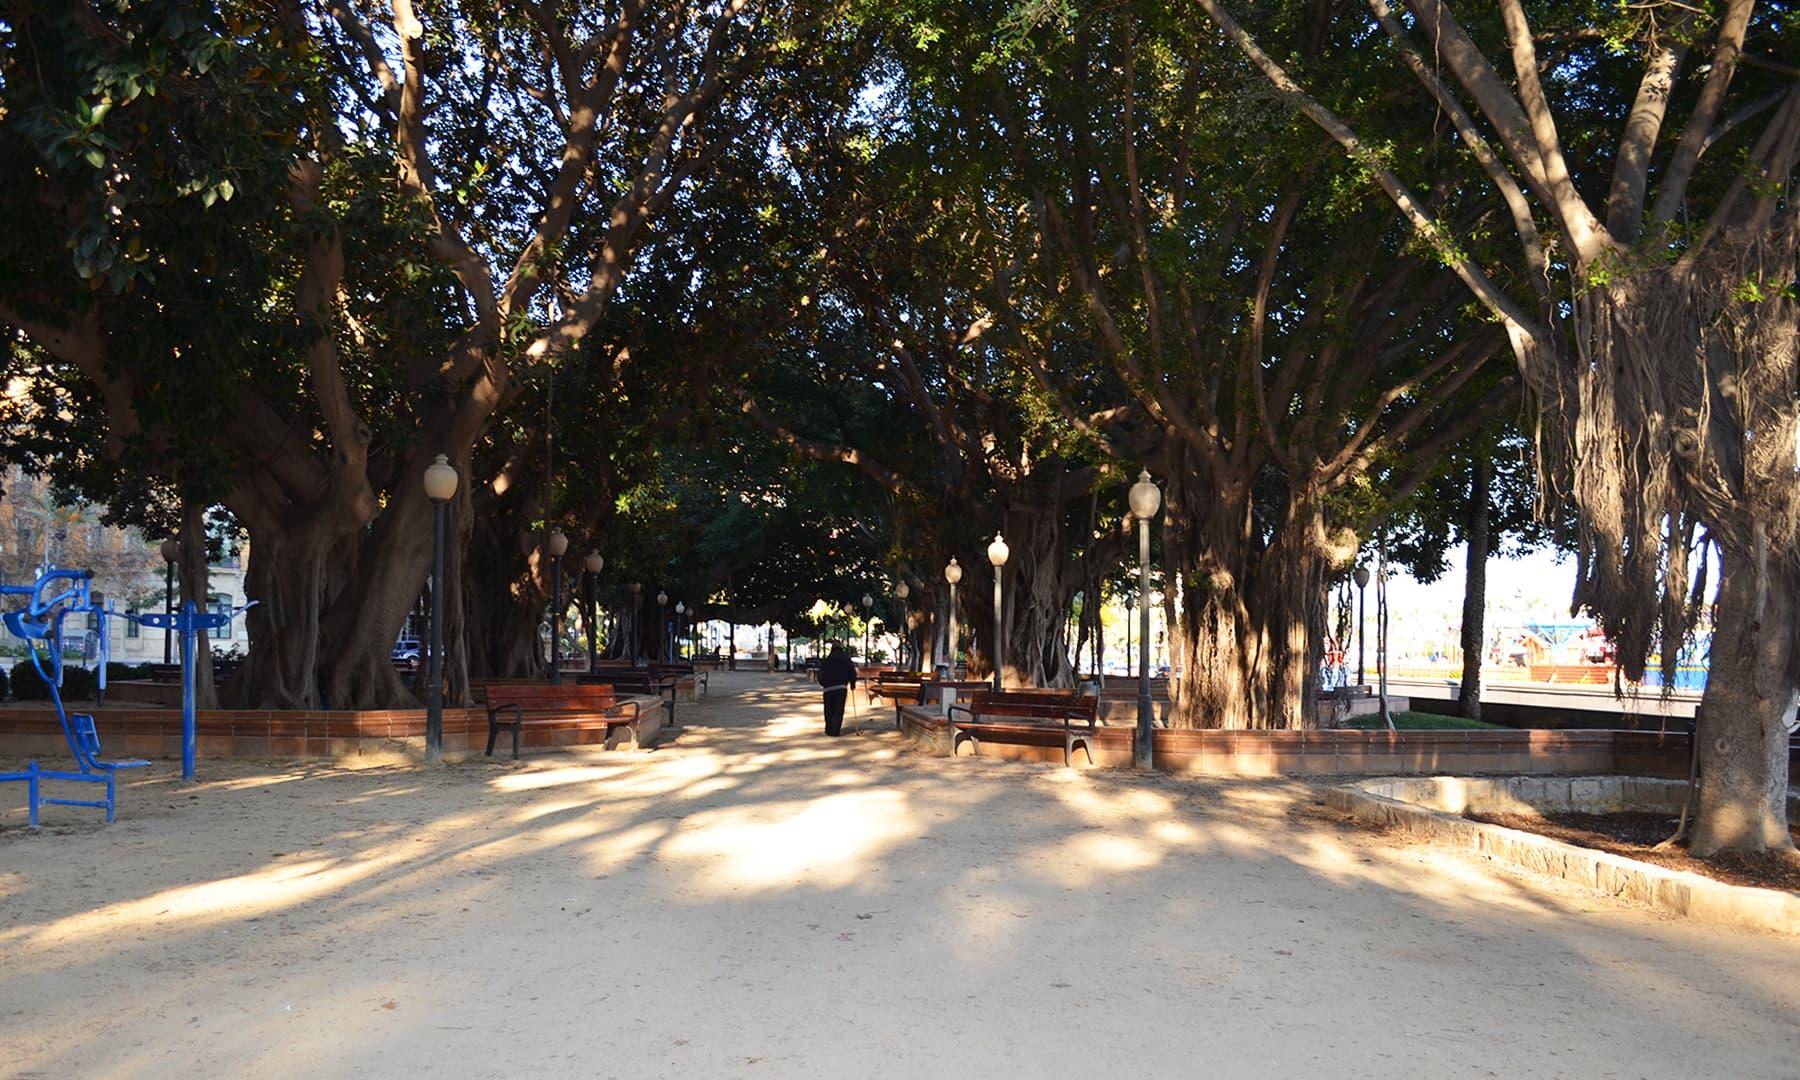 شہر میں نخلستان نما ان جگہوں میں درختوں اور پودوں کو کچھ اس طرح اگایا گیا ہے کہ وہاں بیٹھ کر وقت گزارنے کی جگہ بھی مہیہ ہو جاتی ہے — تصویر رمضان رفیق